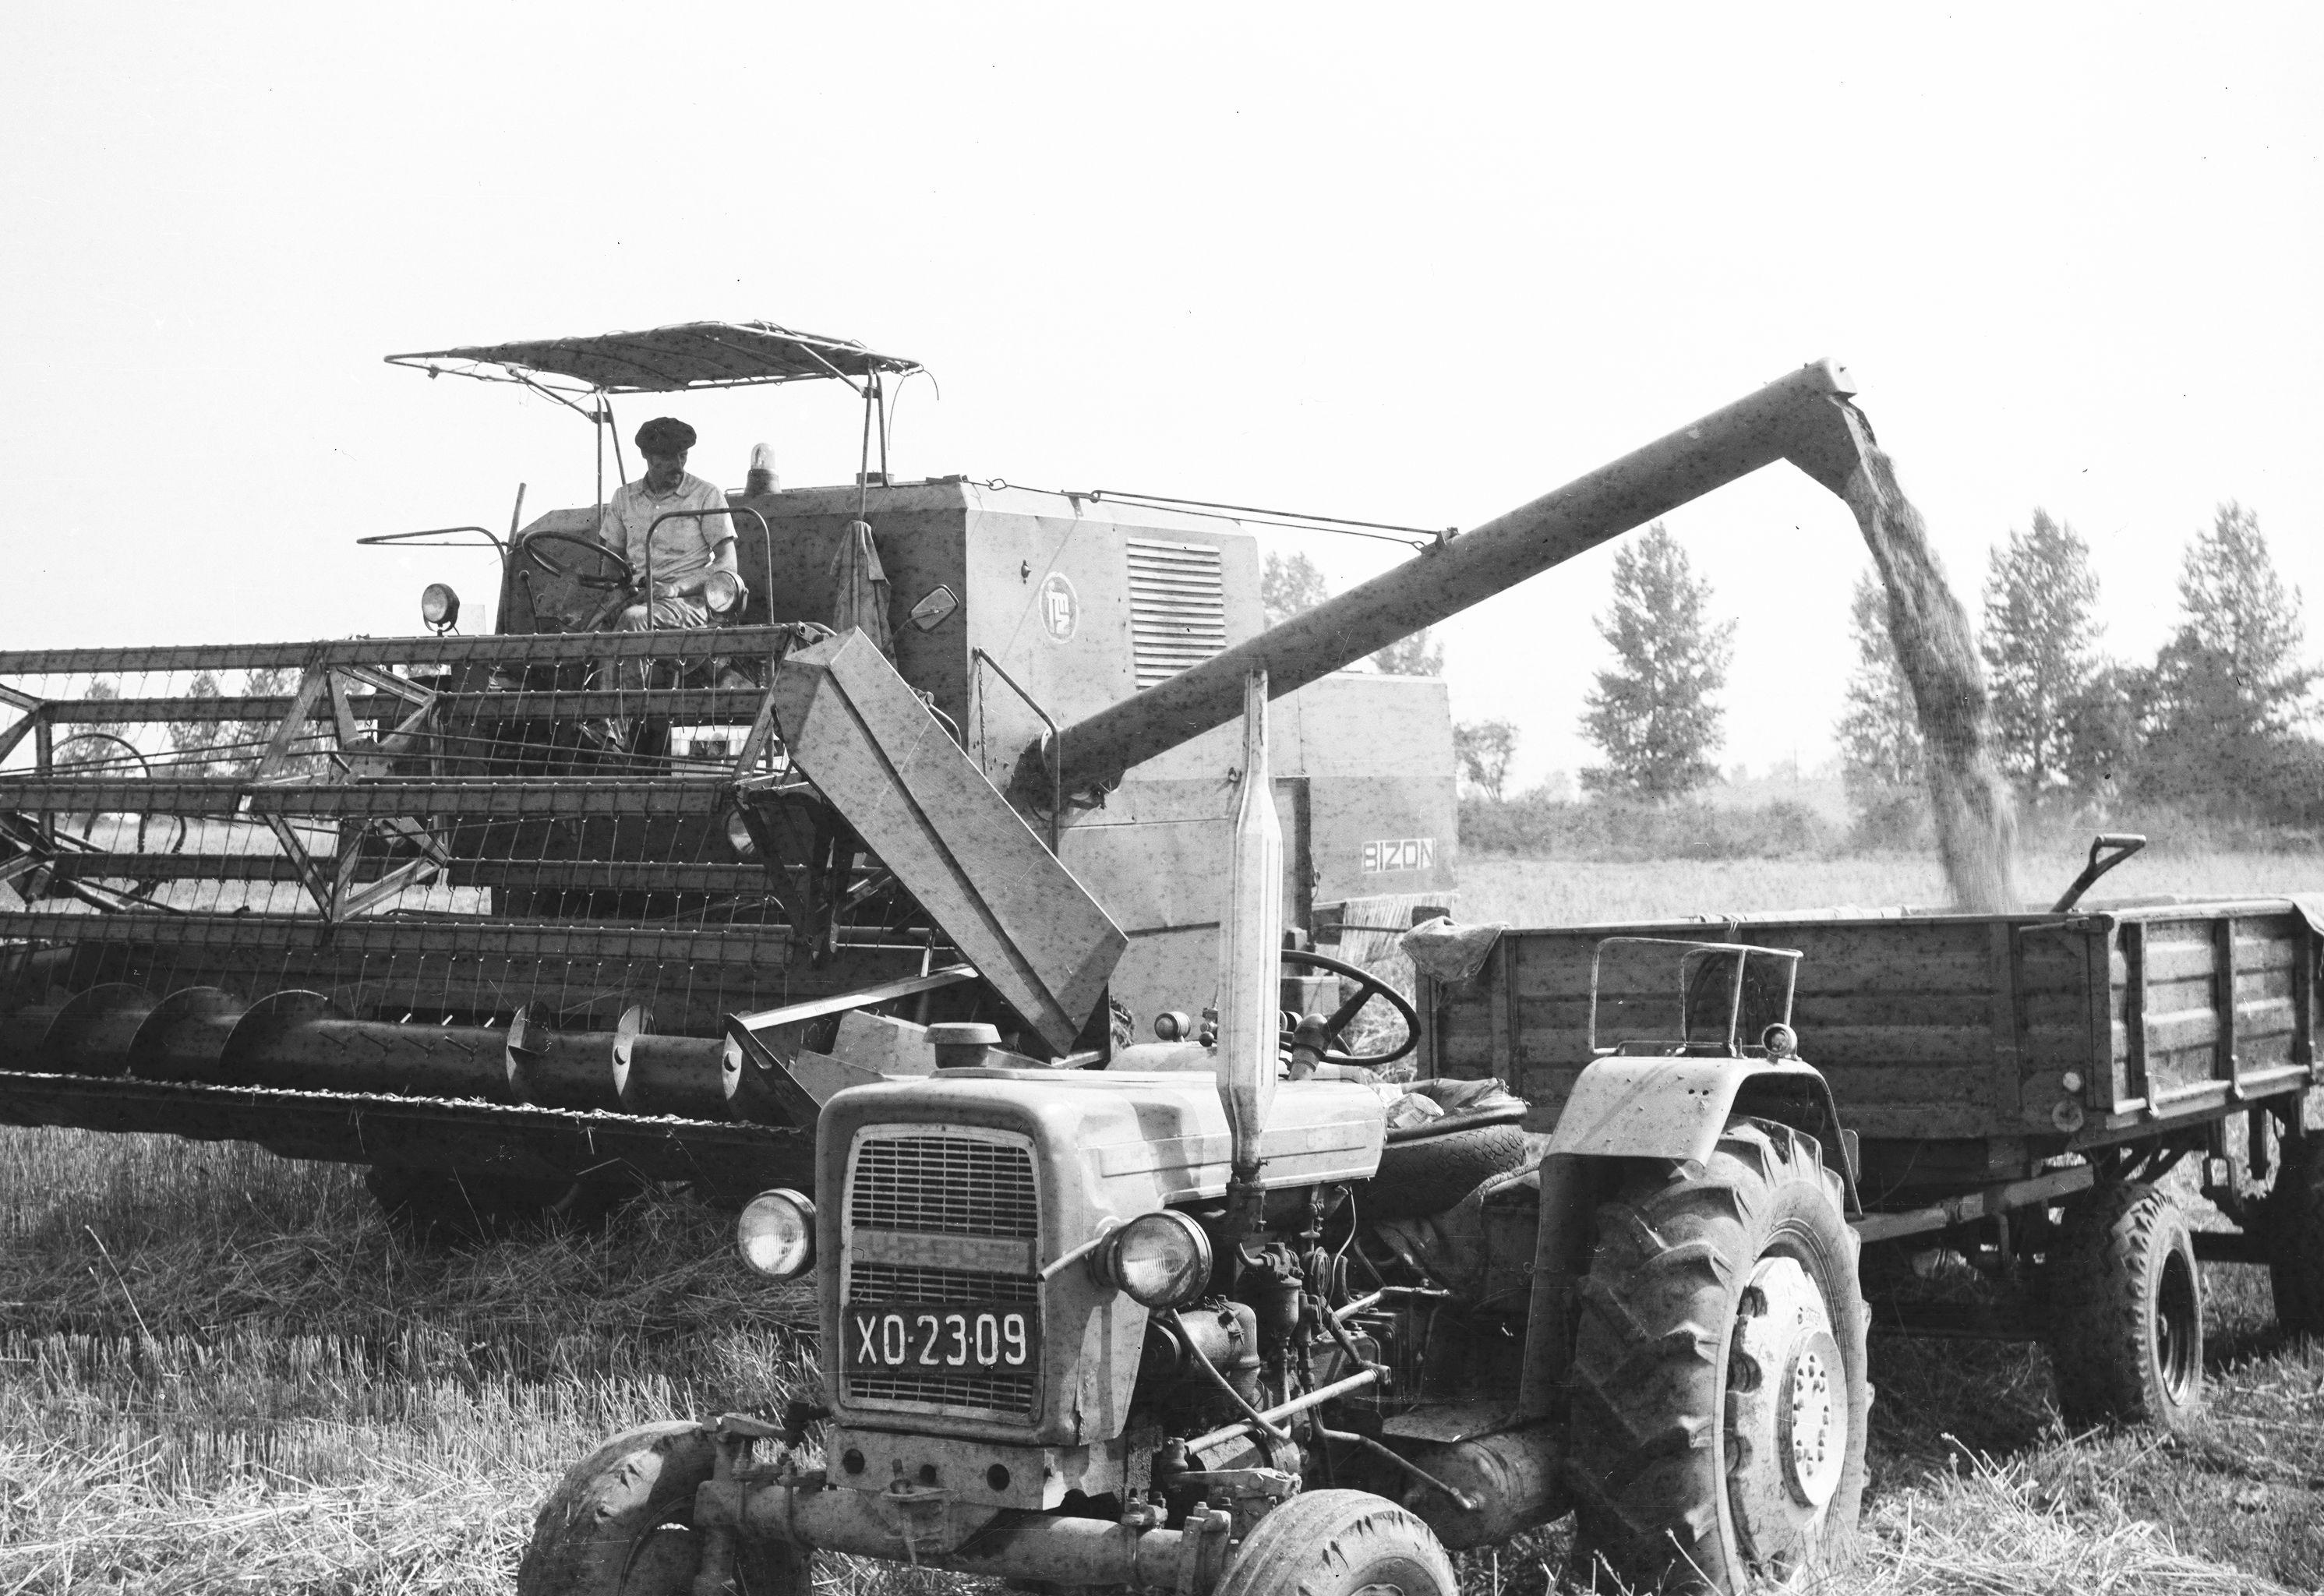 Praca na kombajnie, Brzózka, Dolny Śląsk, lata 80. XX w.